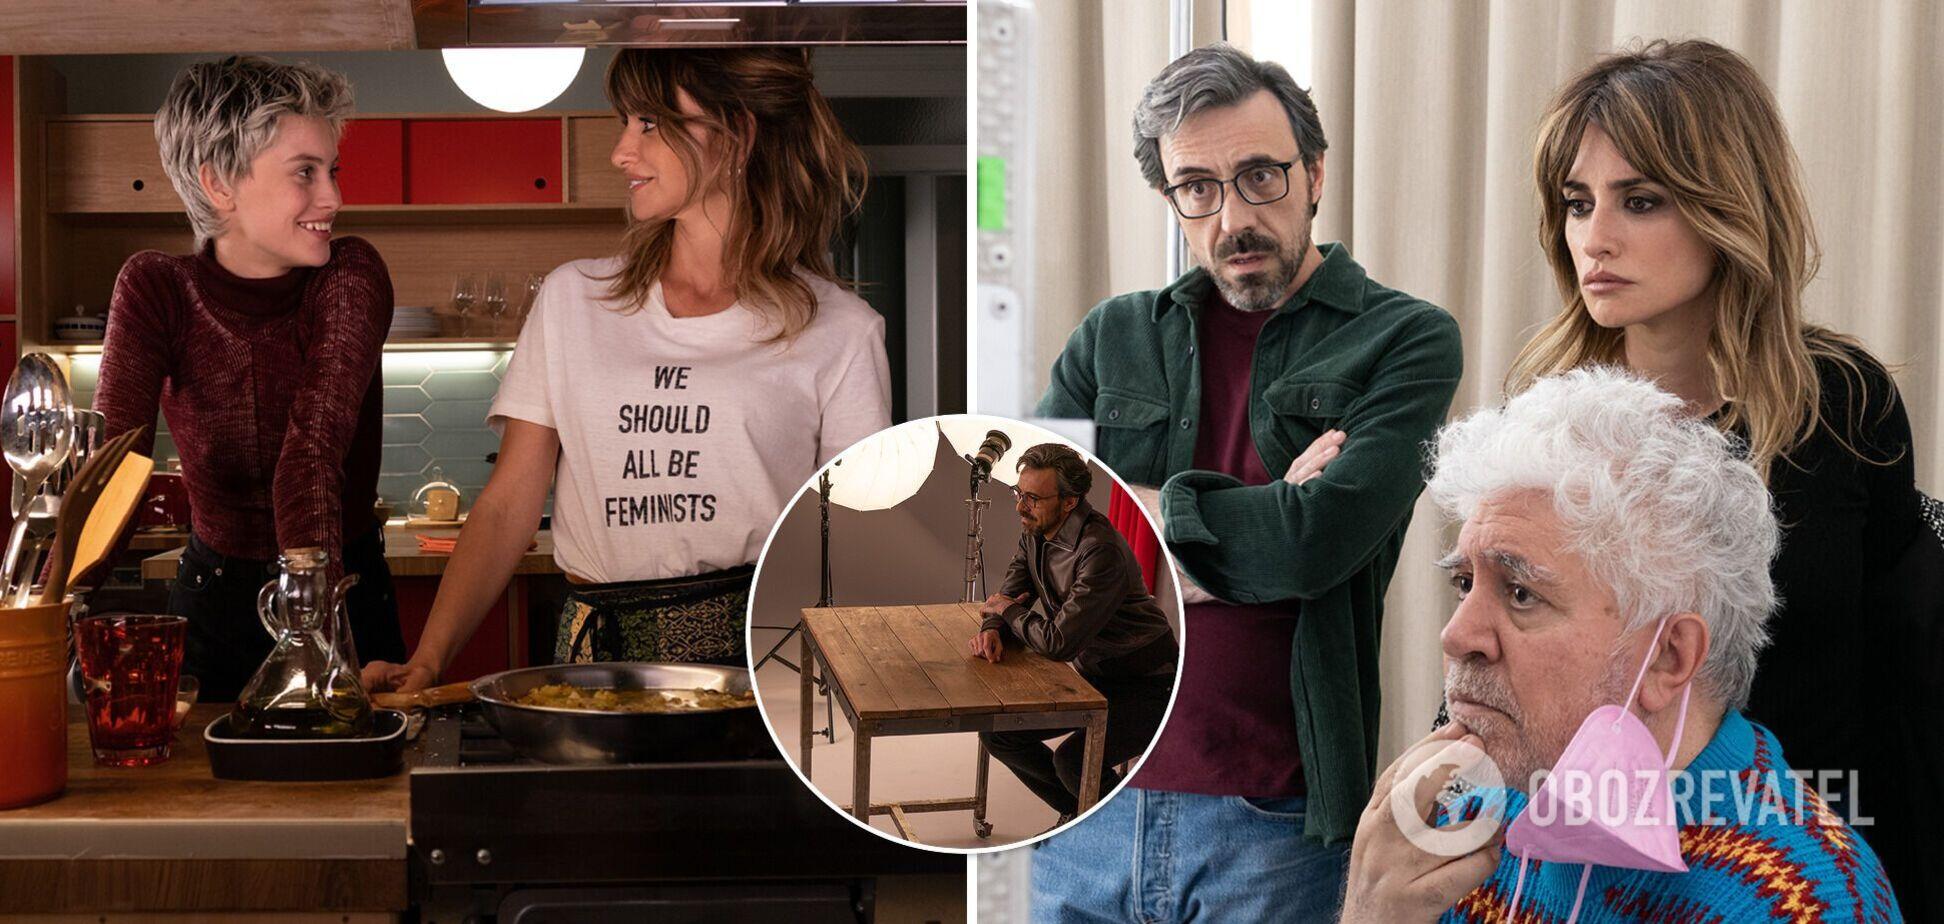 Появился трейлер нового фильма Педро Альмодовара 'Параллельные матери' с Пенелопой Крус